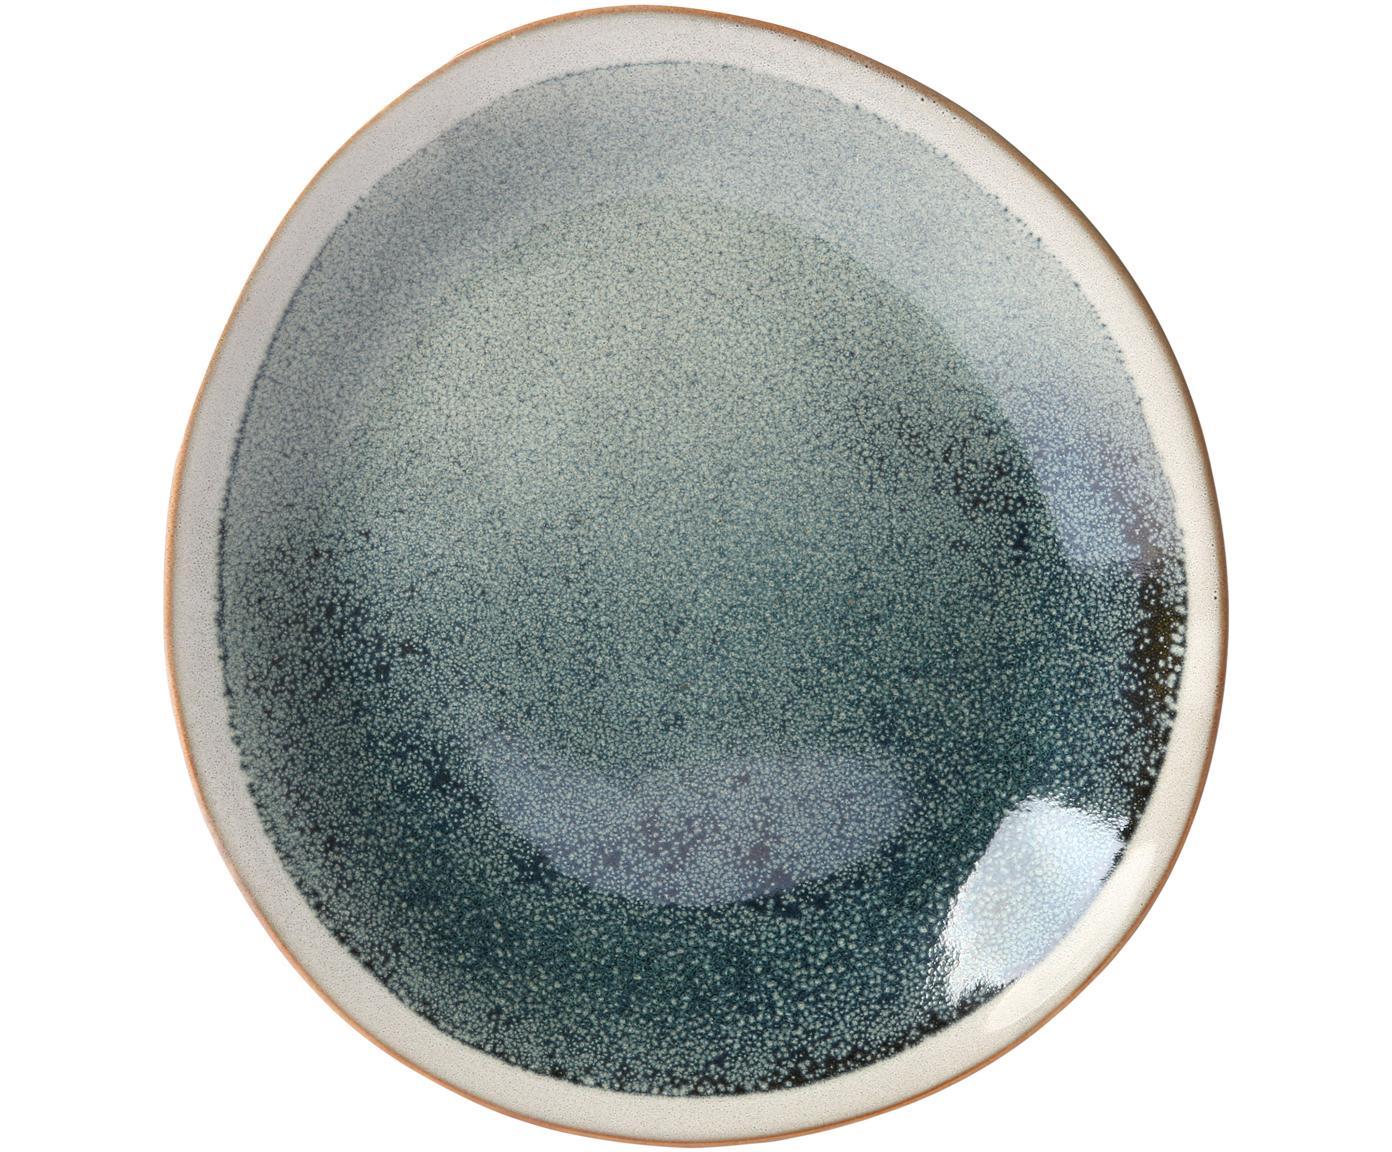 Piatto da colazione artigianale anni '70 2 pz, Ceramica, Verde, crema, Ø 22 cm